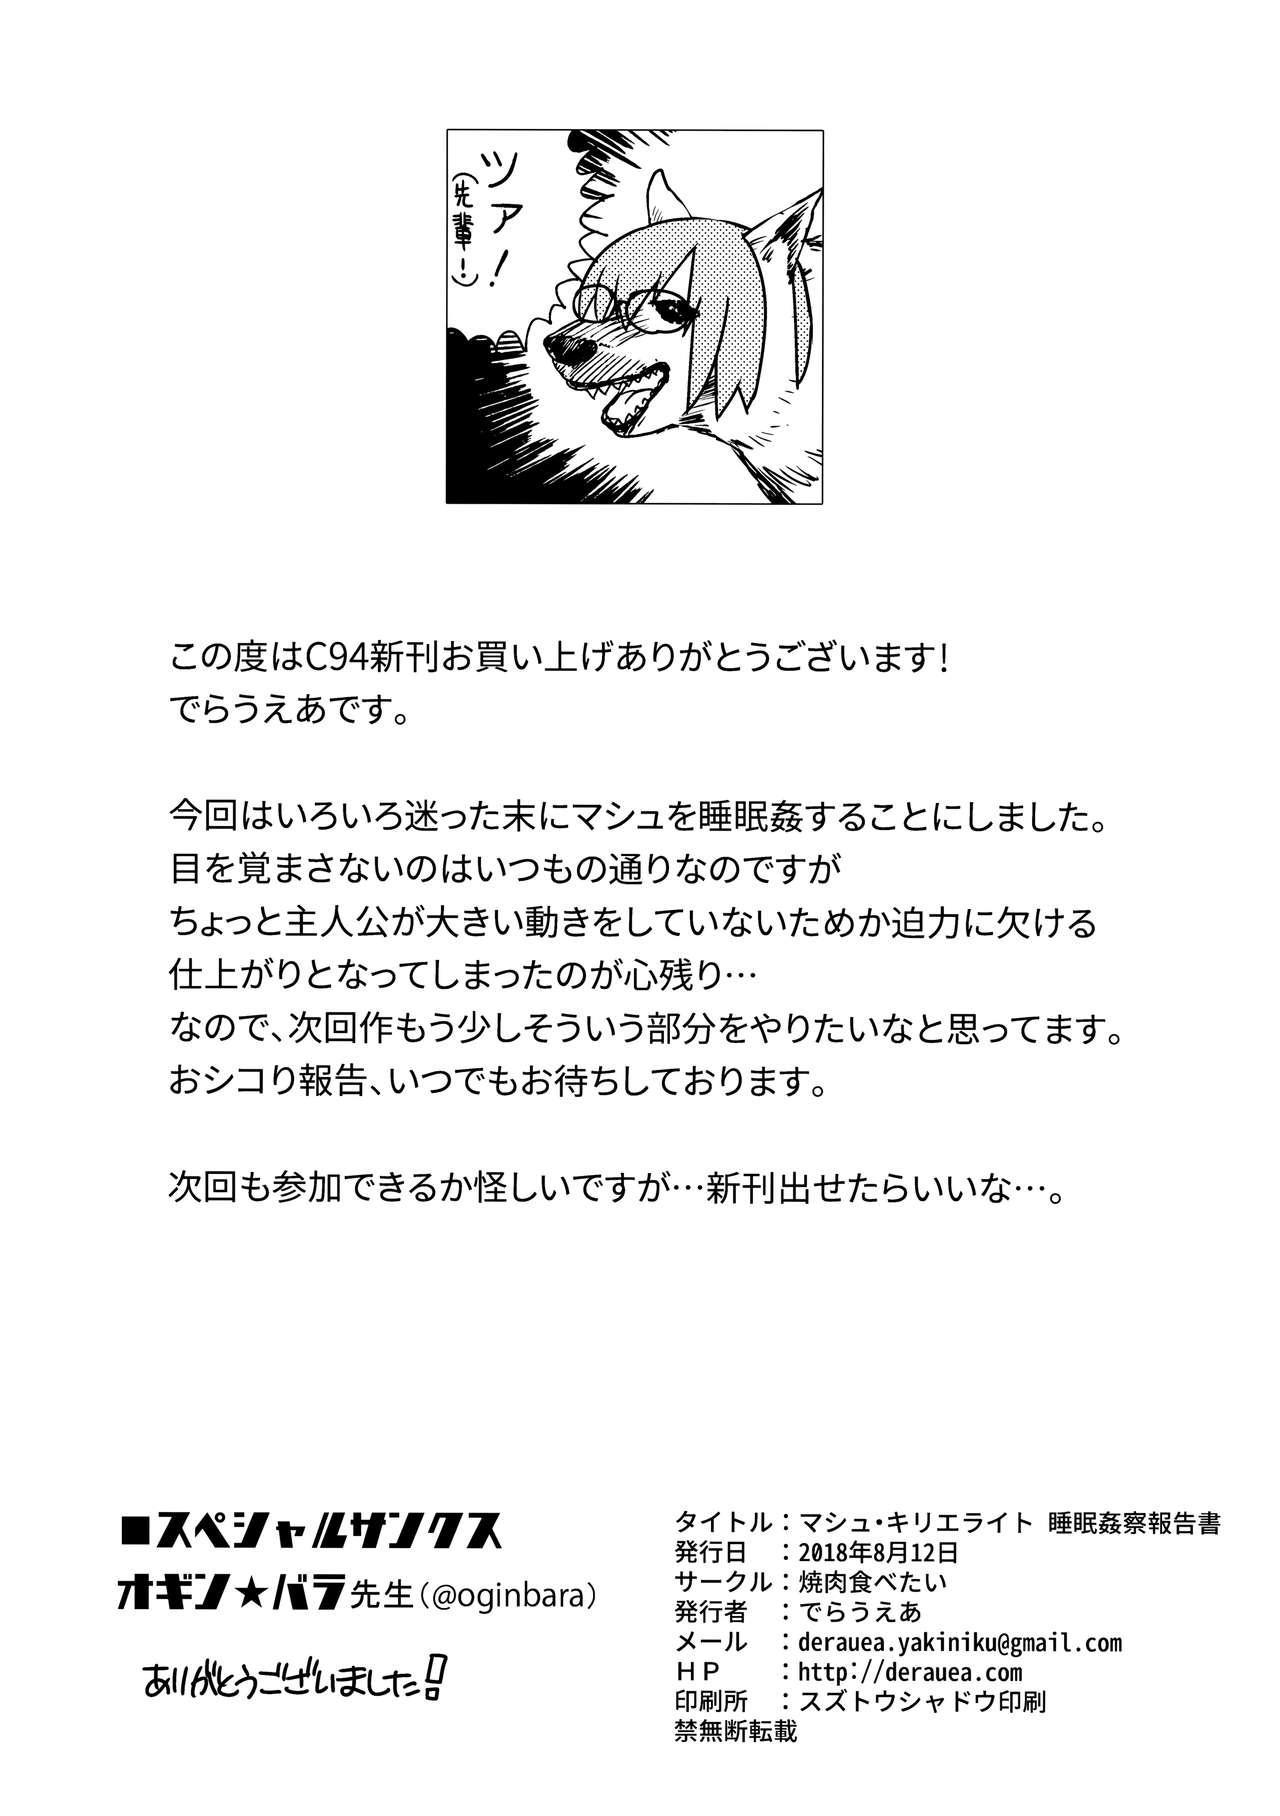 Mash Kyrielight Suimin Kansatsu Houkokusho 29